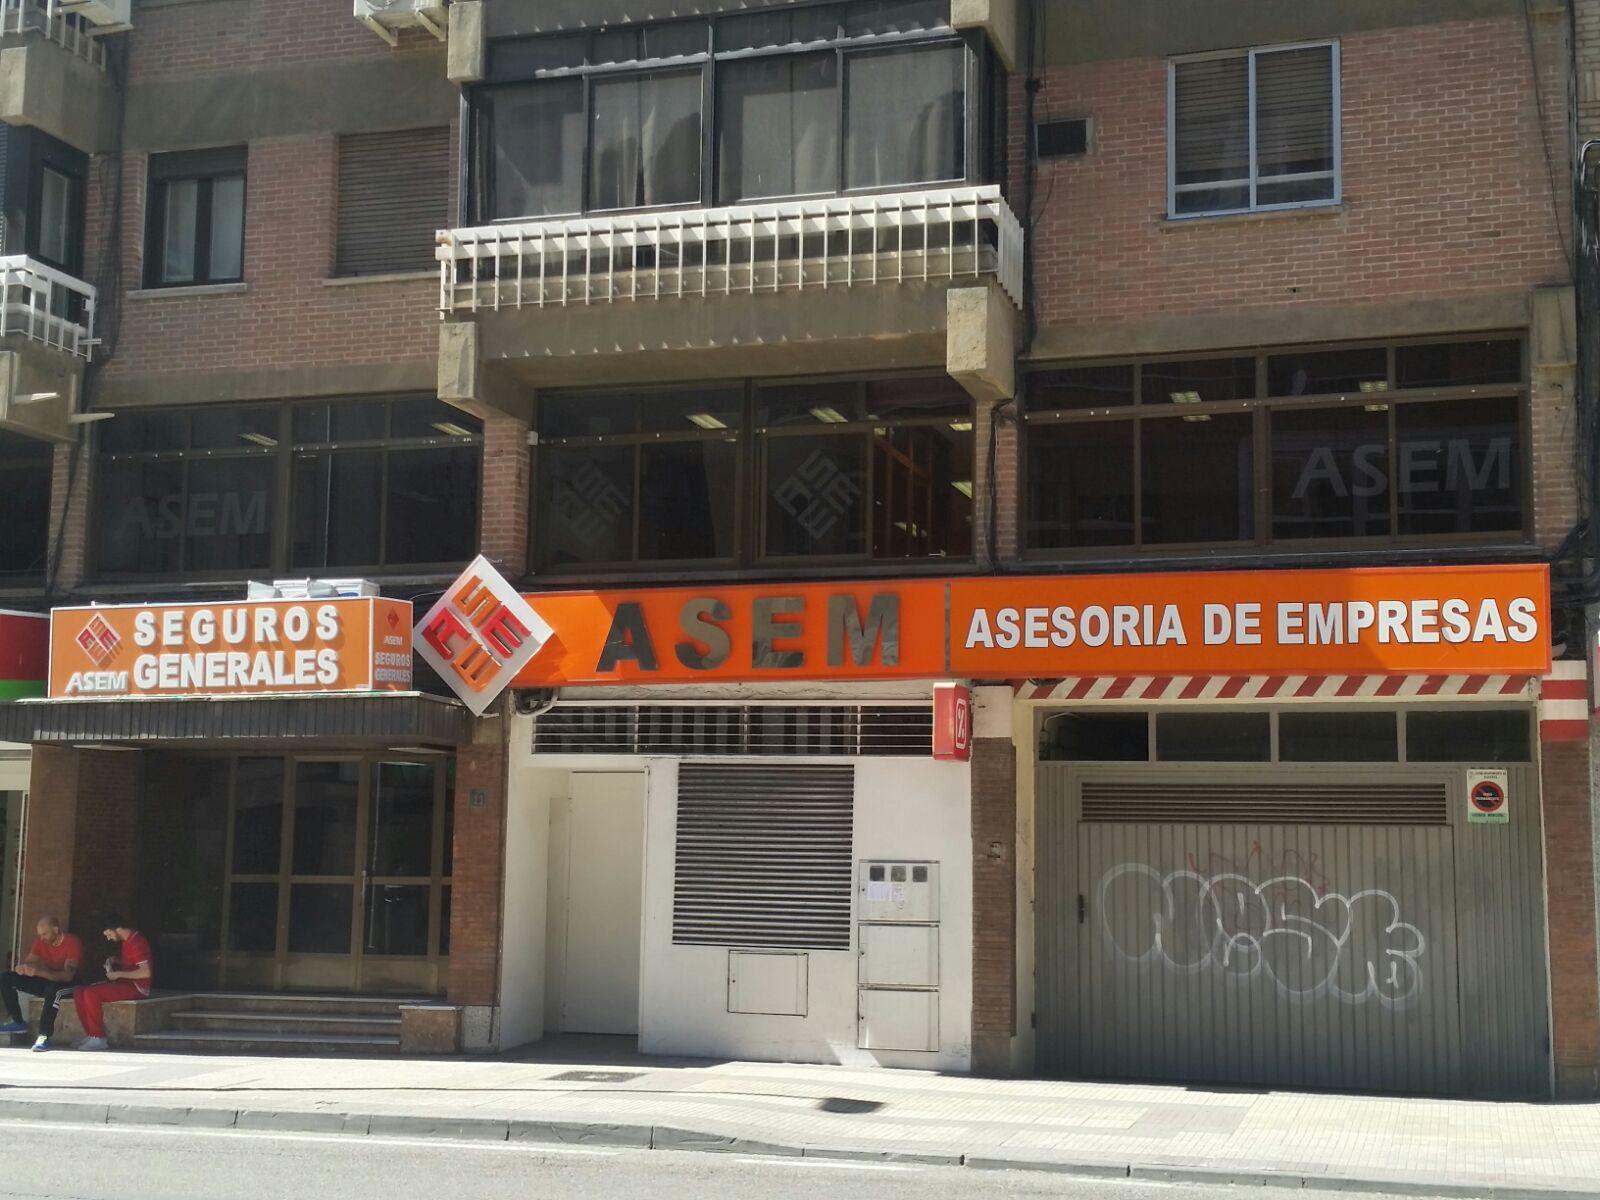 ASEM CONSULTORES: ASESOR CONTABLE ECONÓMICO EN CÁCERES,  SUBVENCIONES EN CÁCERES, CONTABILIDAD, ASESORAMIENTO JURÍDICO